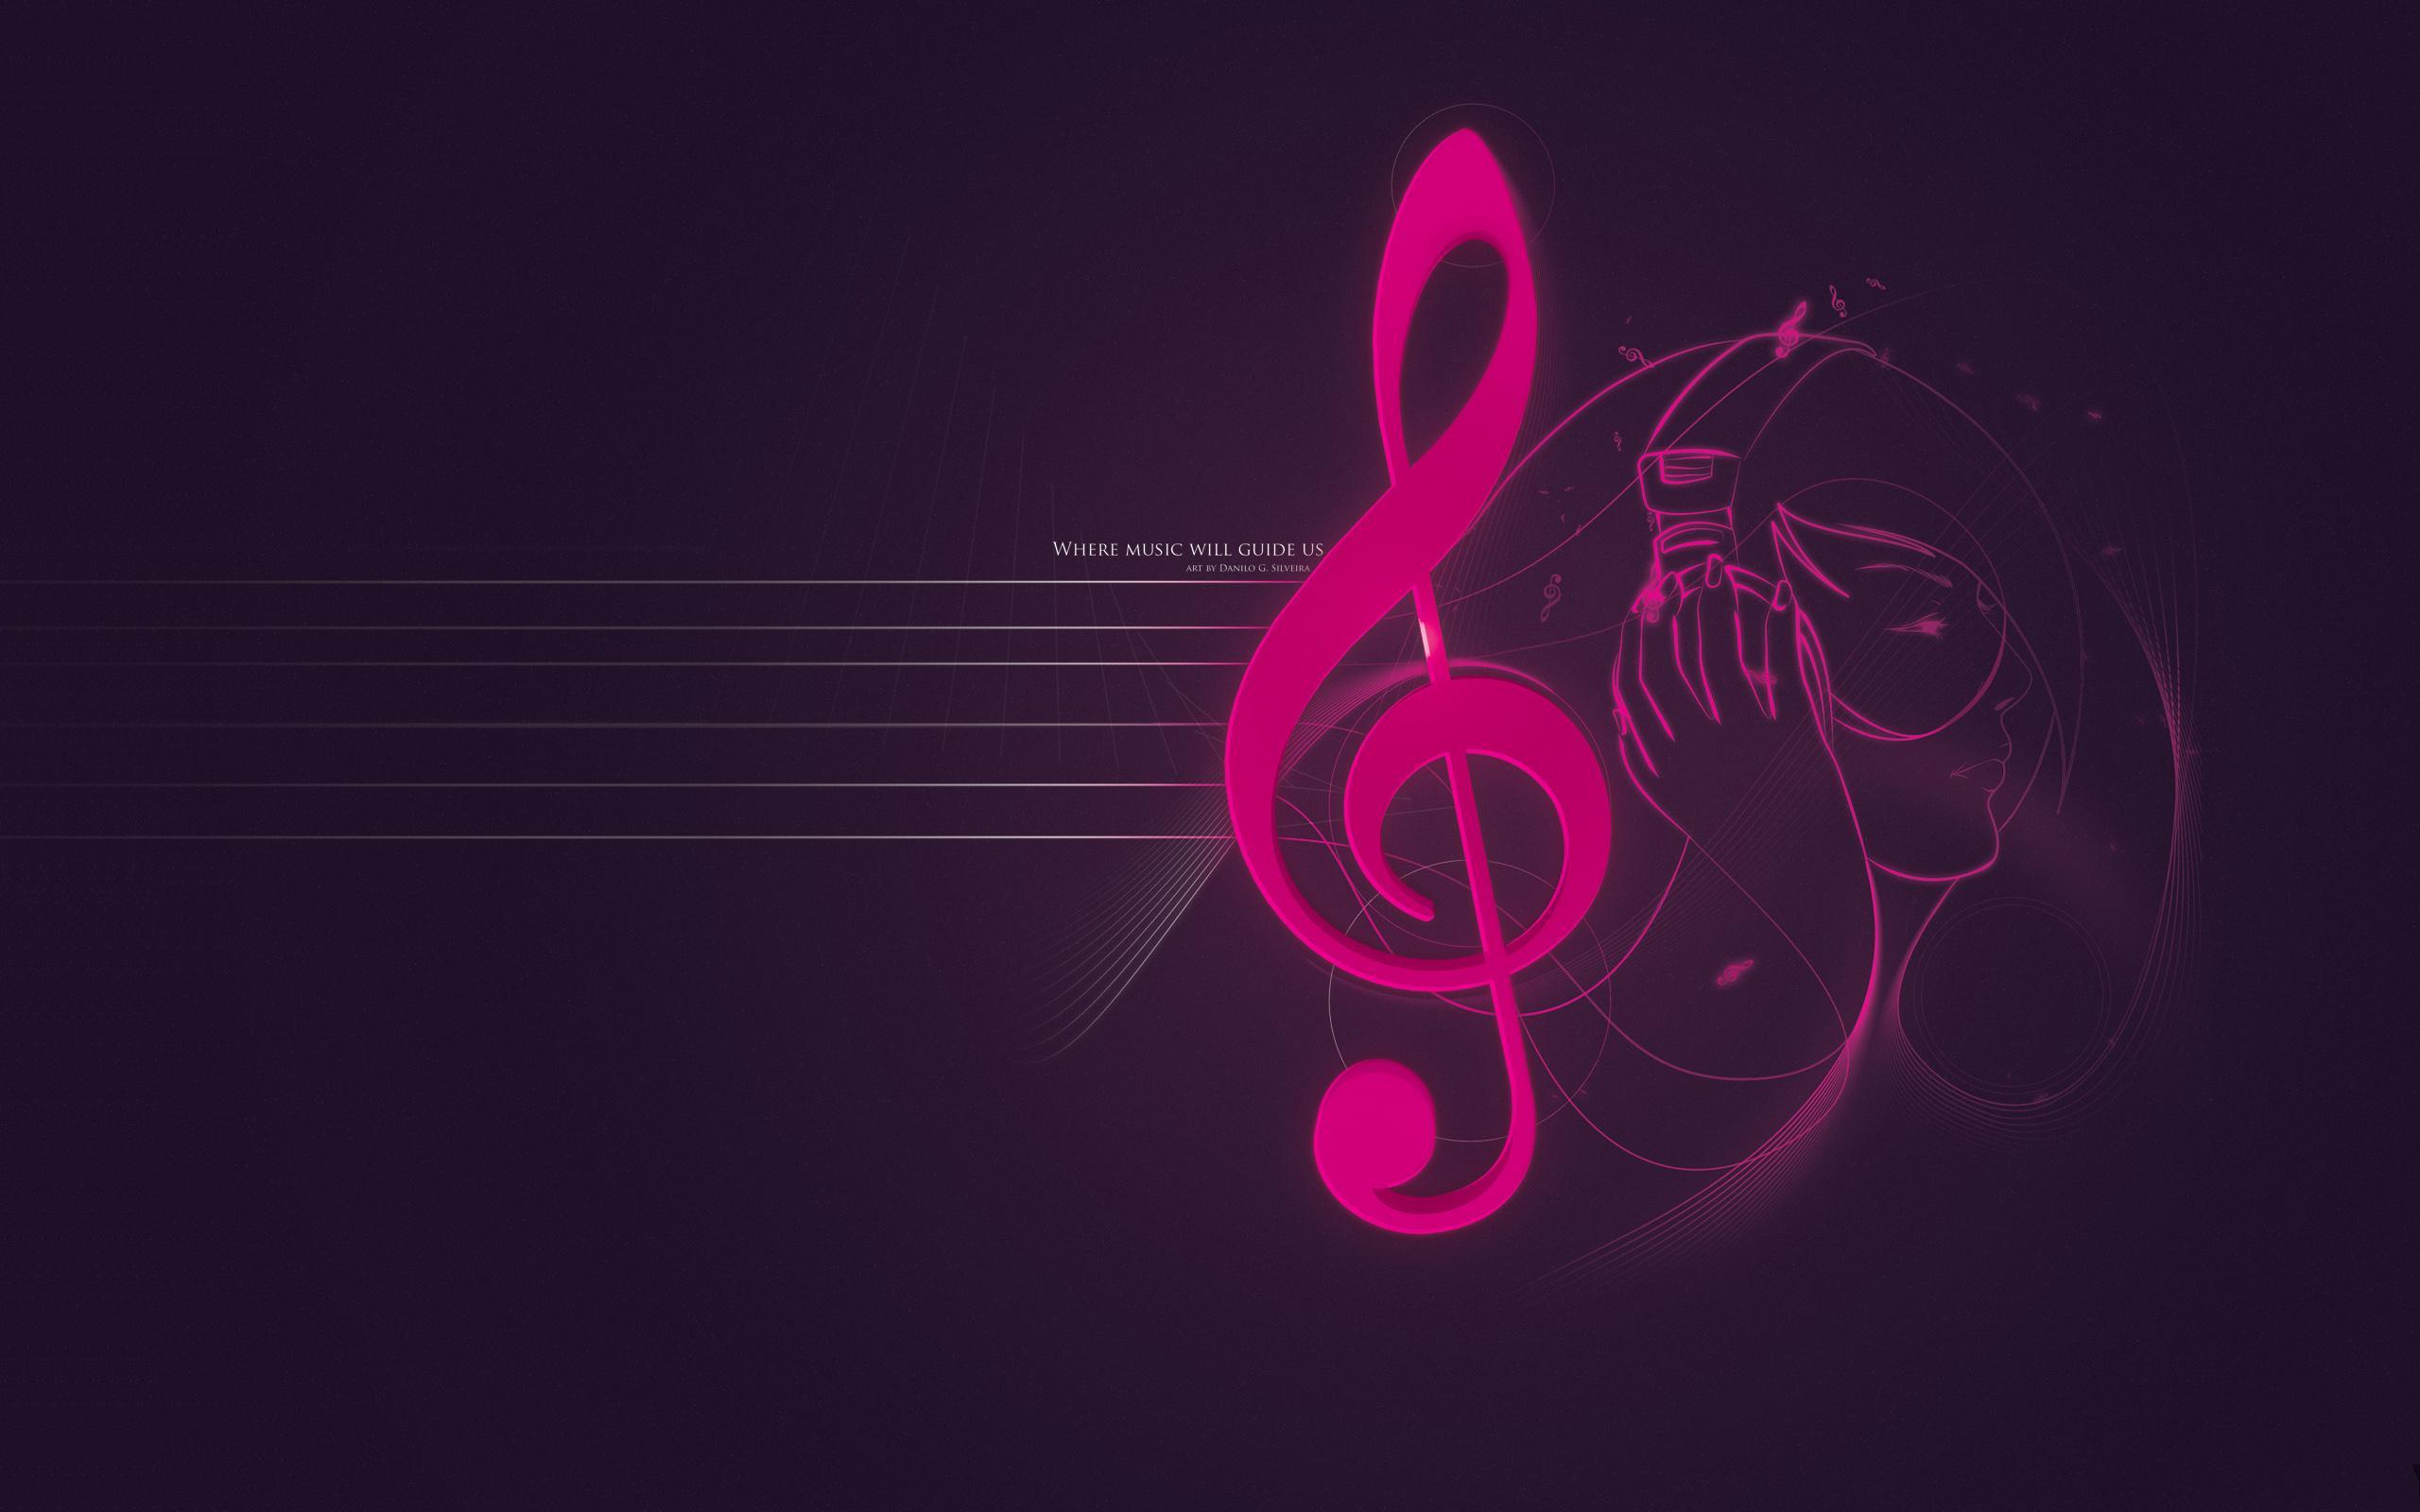 Download Wallpaper Music Violet - 183002-Sepik  Best Photo Reference_809567.jpg